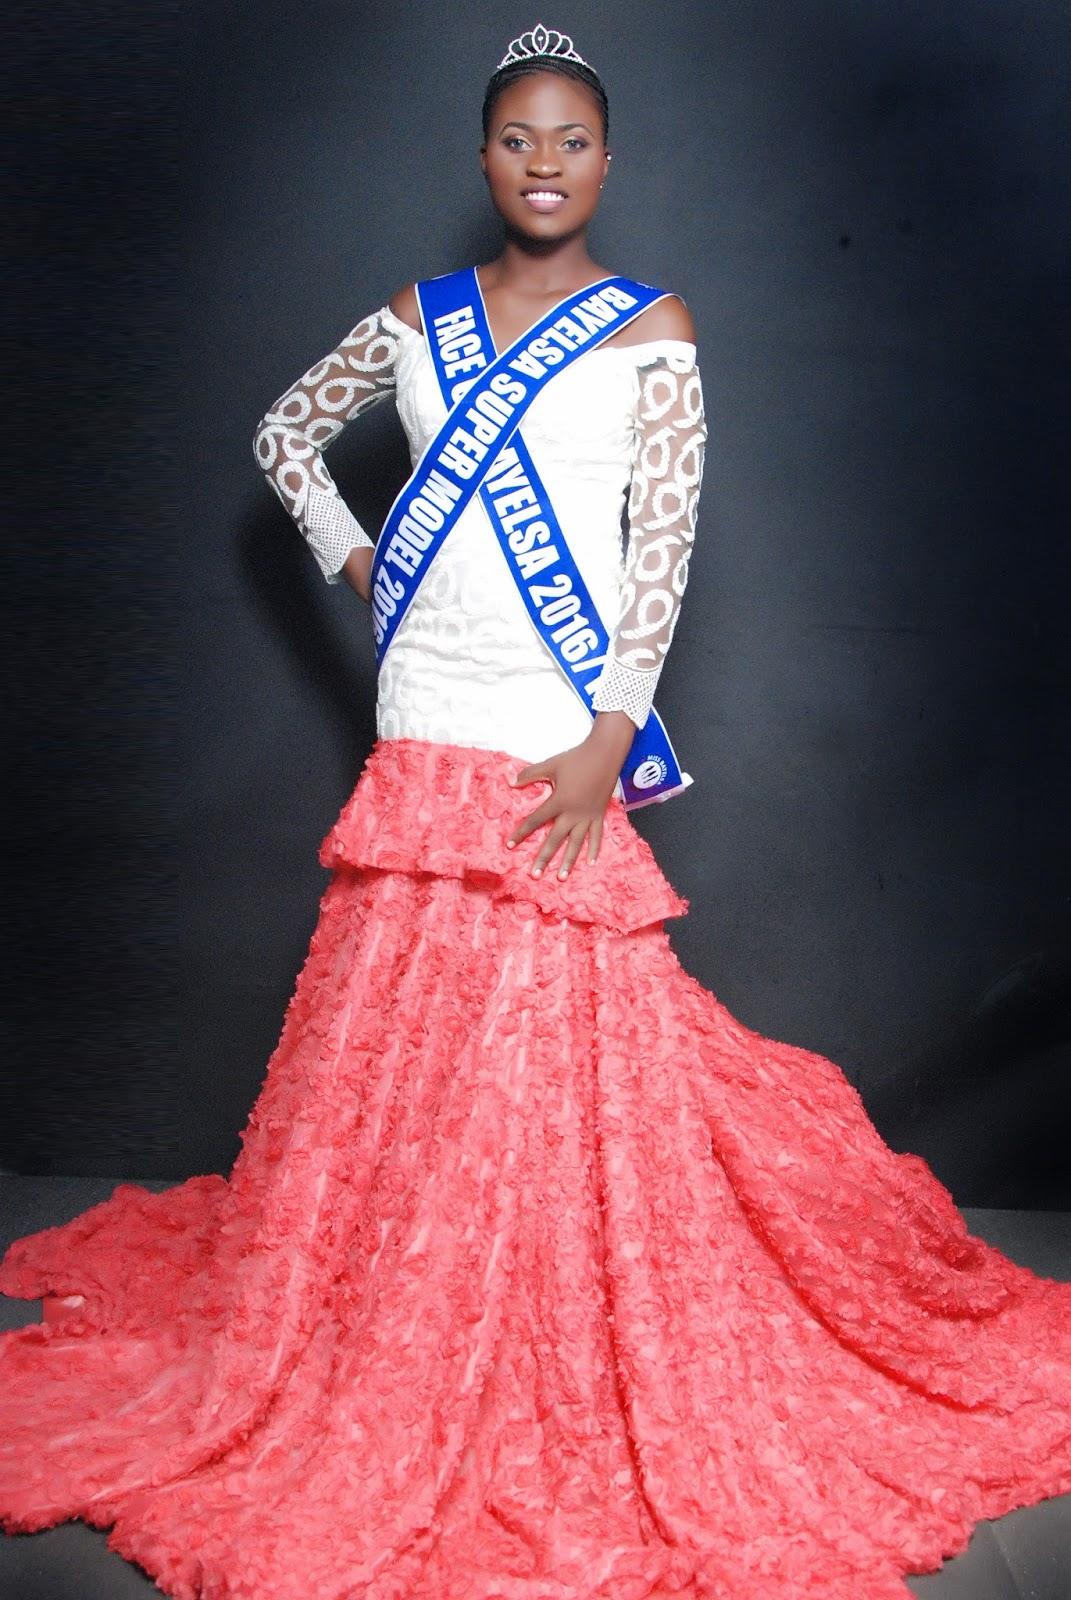 Queen Freda